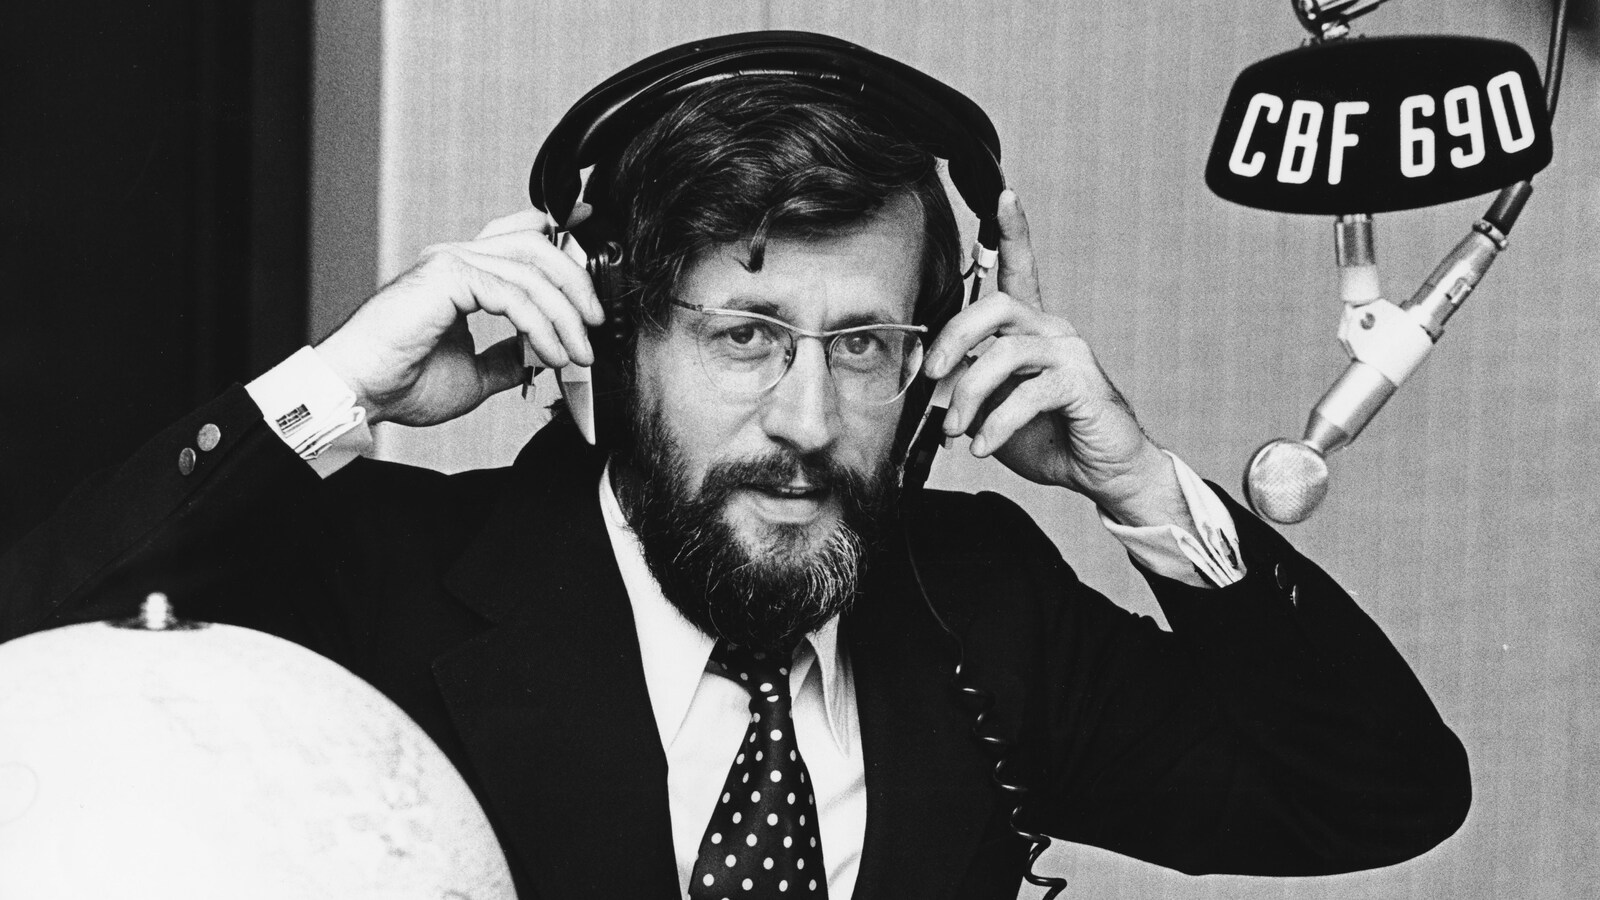 Dans un studio de radio, l'animateur Louis Martin ajuste un casque d'écoute sur sa tête. Un micro, portant une affichette avec la mention «CBF 690», est suspendu devant lui.